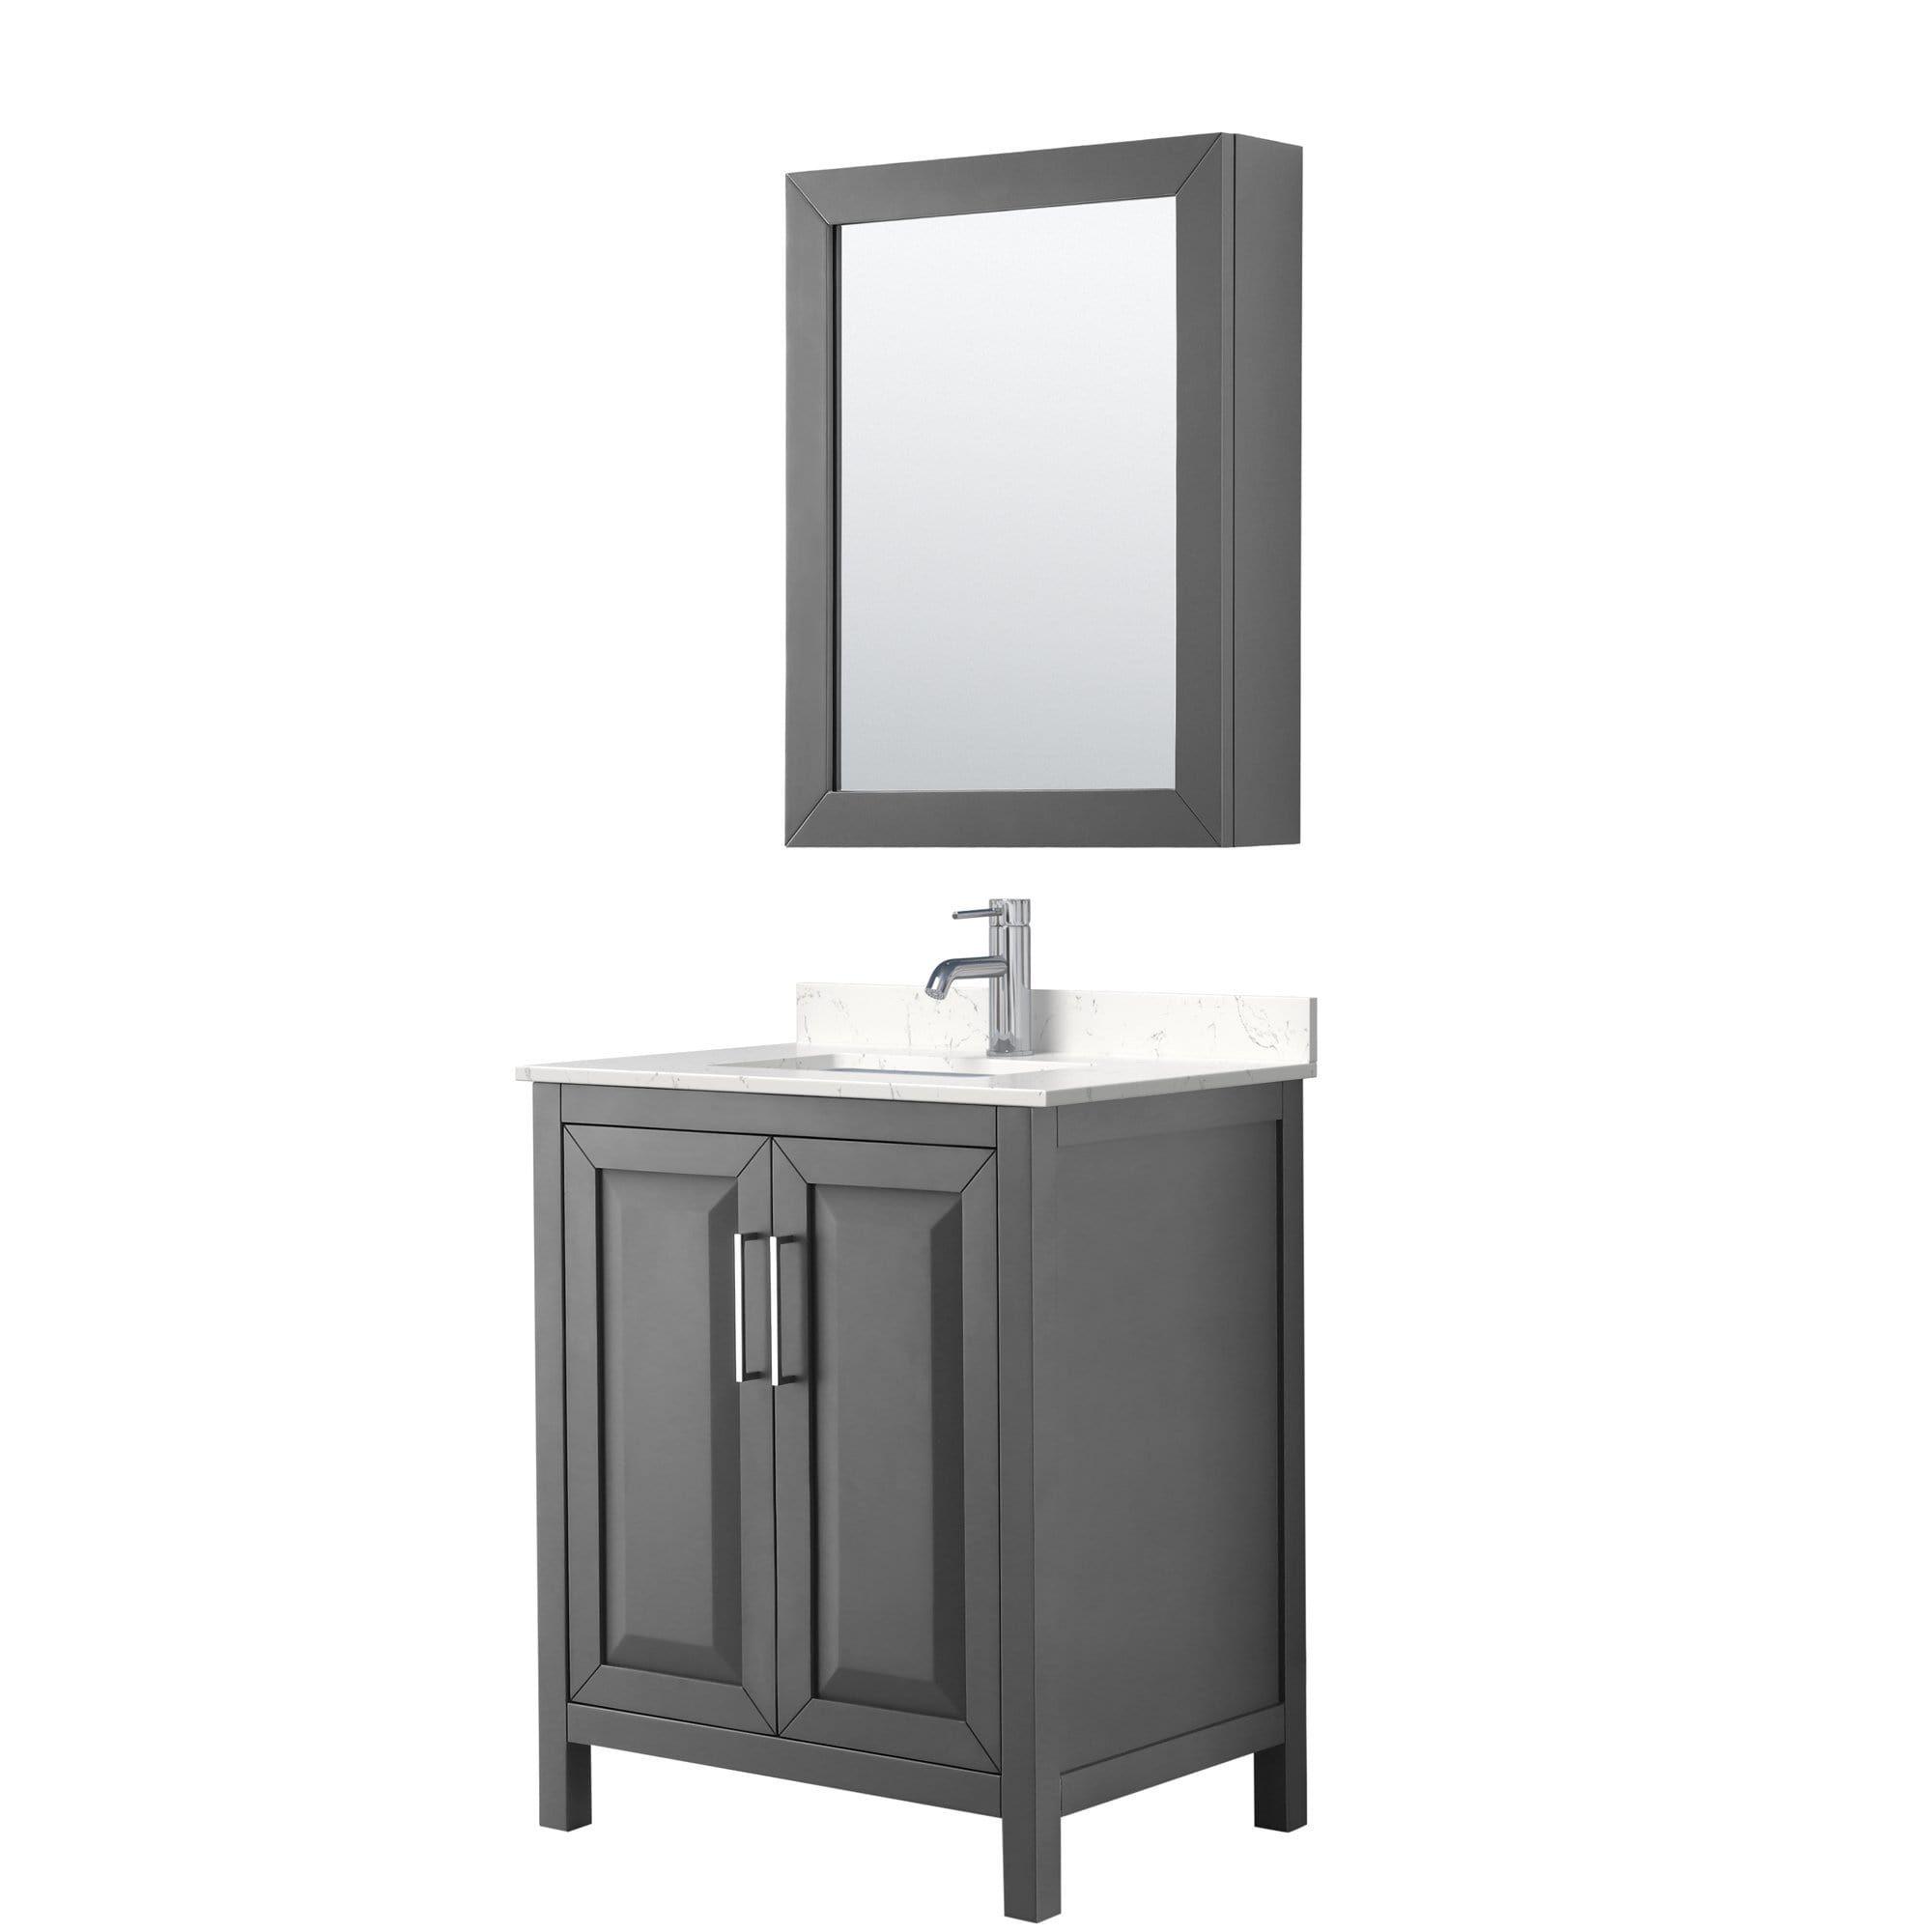 Daria 30 Inch Single Bathroom Vanity in Dark Gray, Light-Vein Carrara Cultured Marble Countertop, Undermount Square Sink, Medicine Cabinet